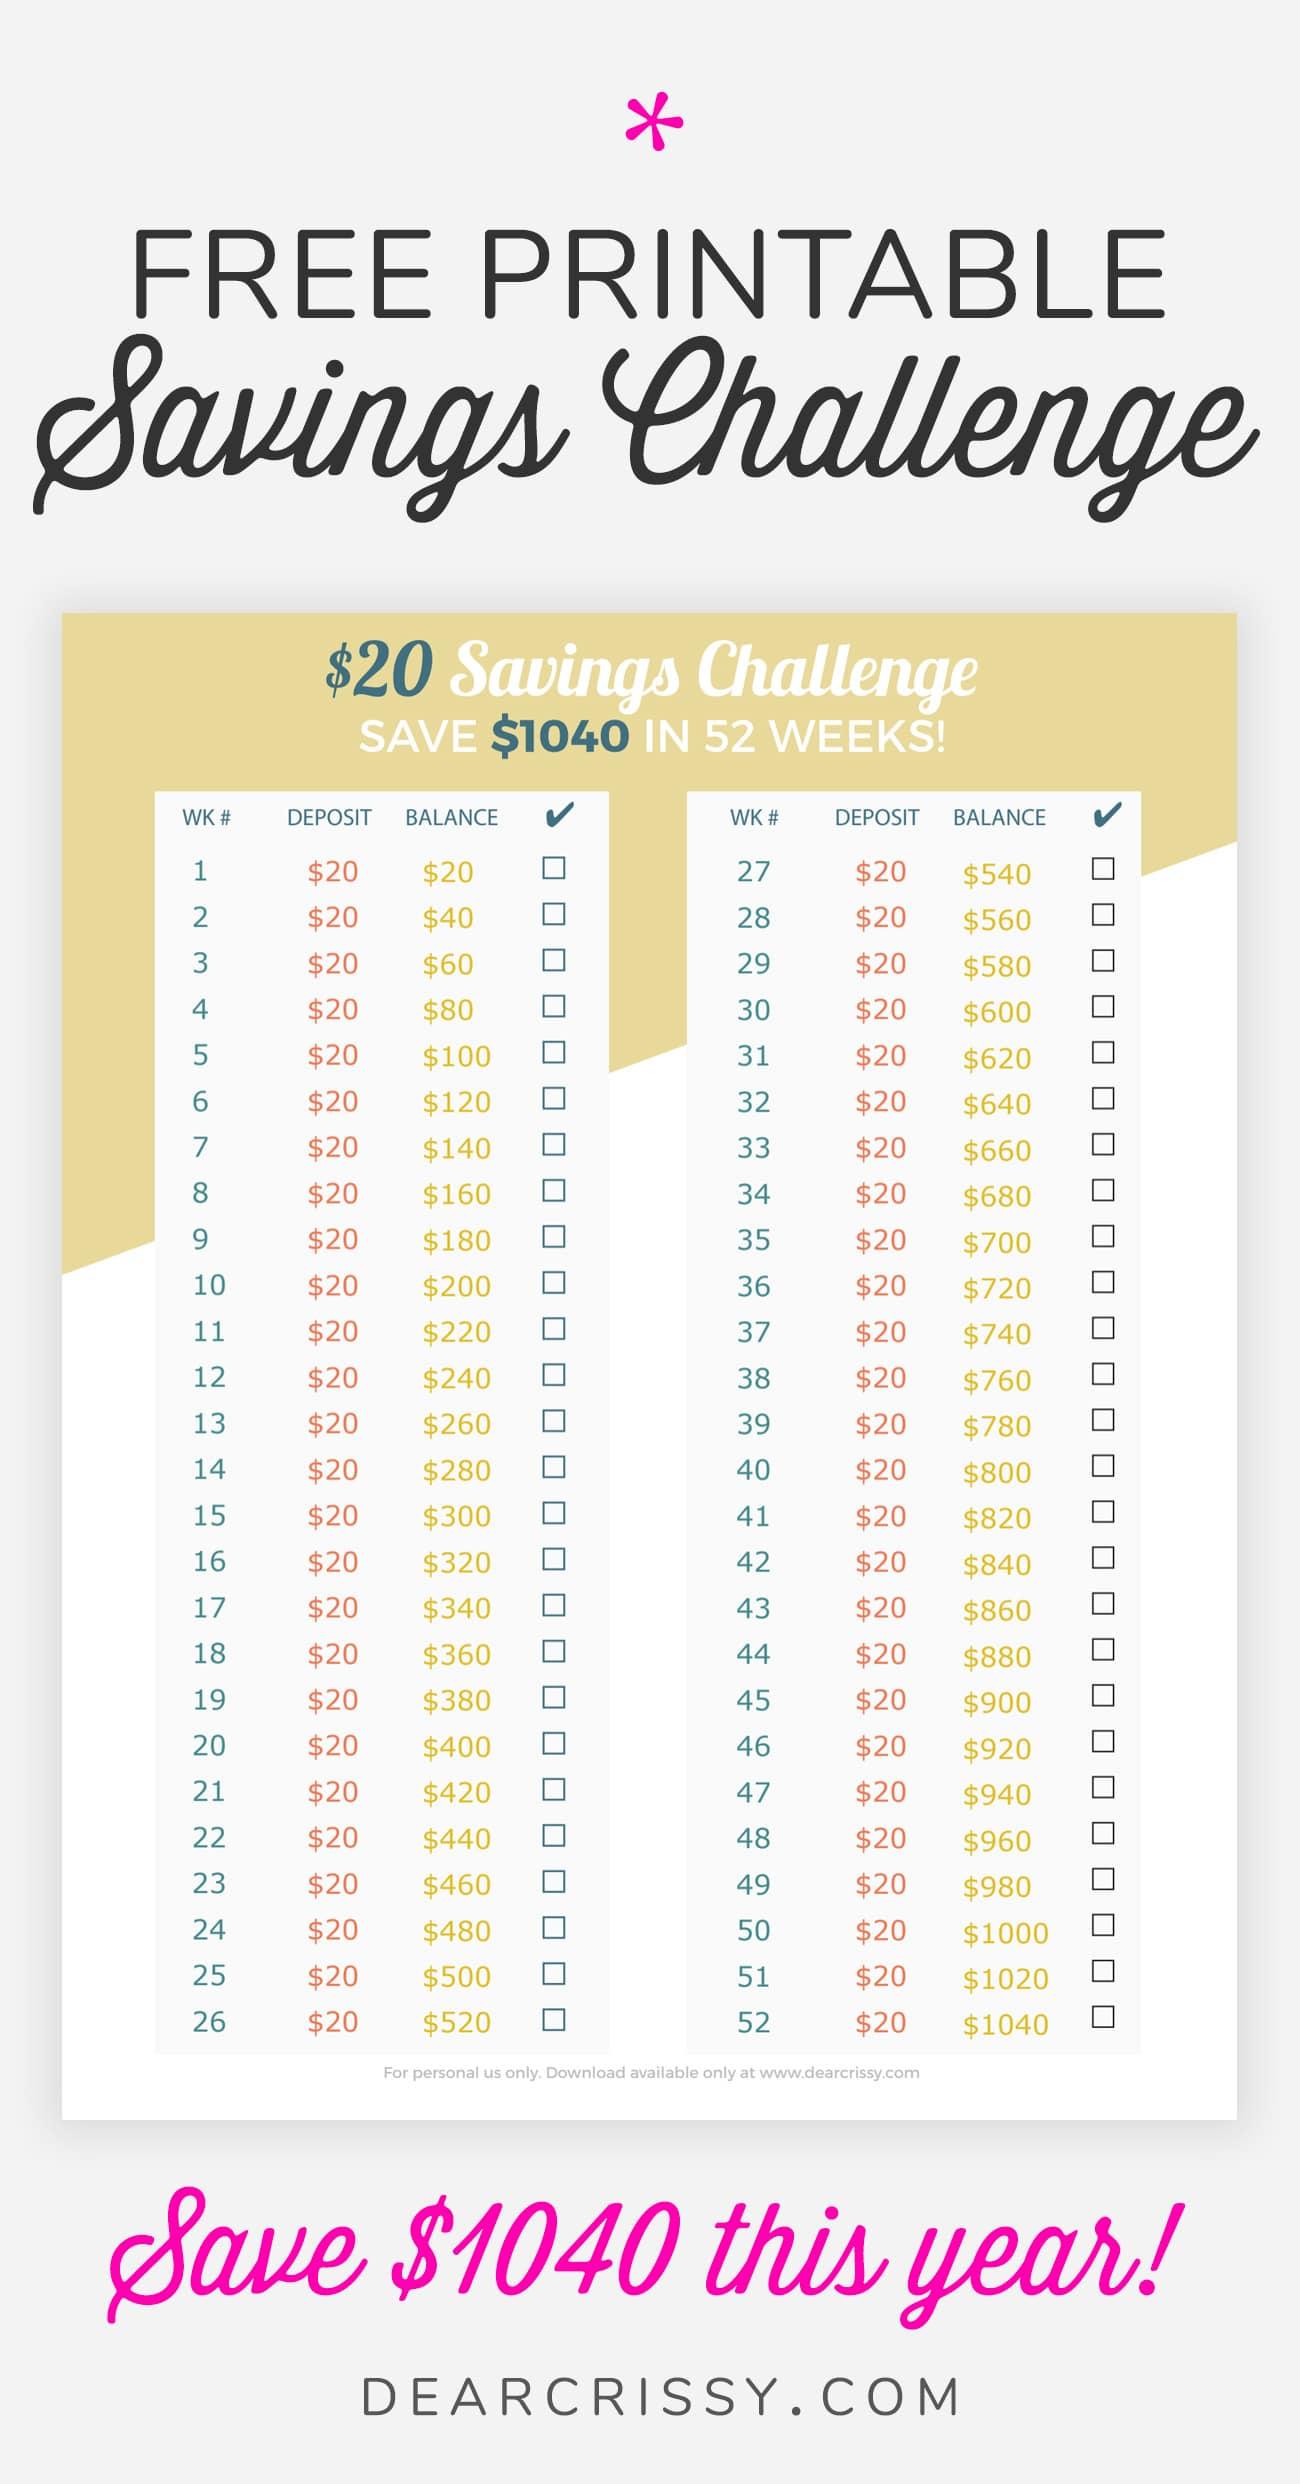 $20 Savings Challenge